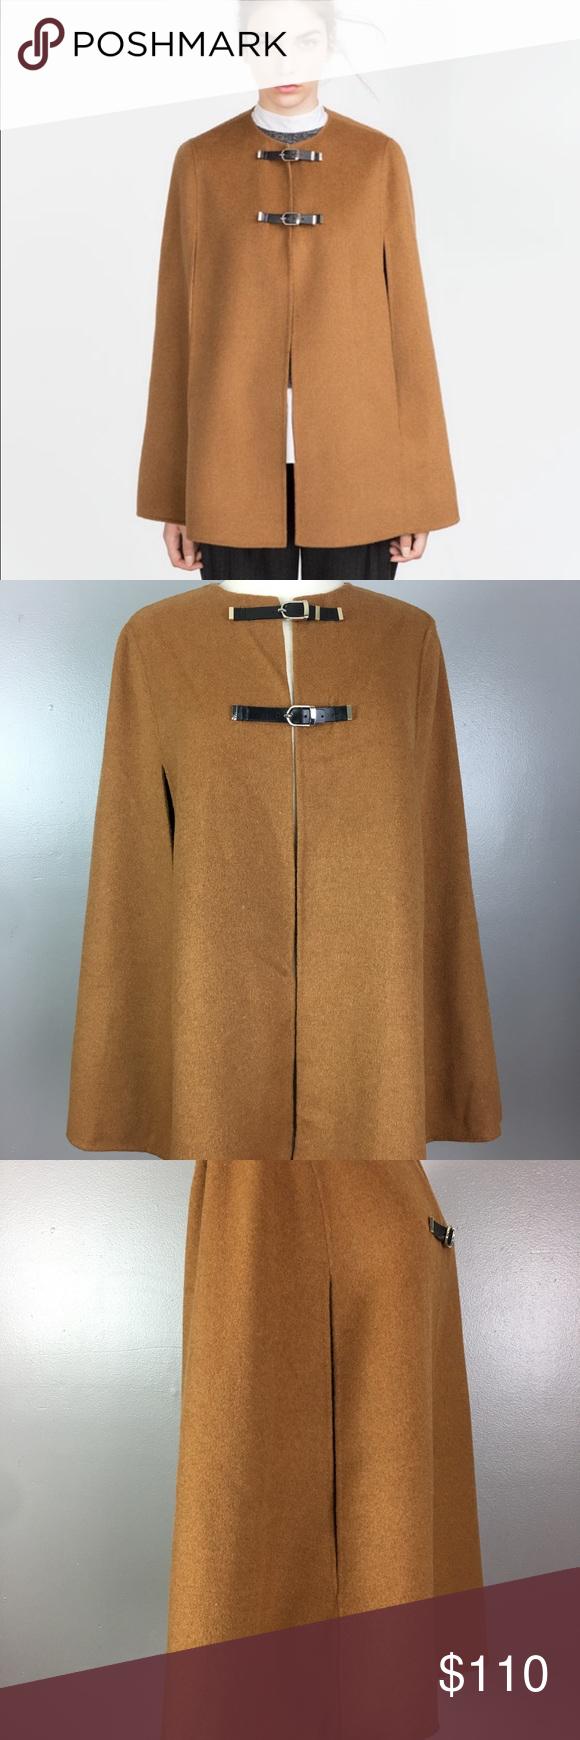 Zara poncho jacket